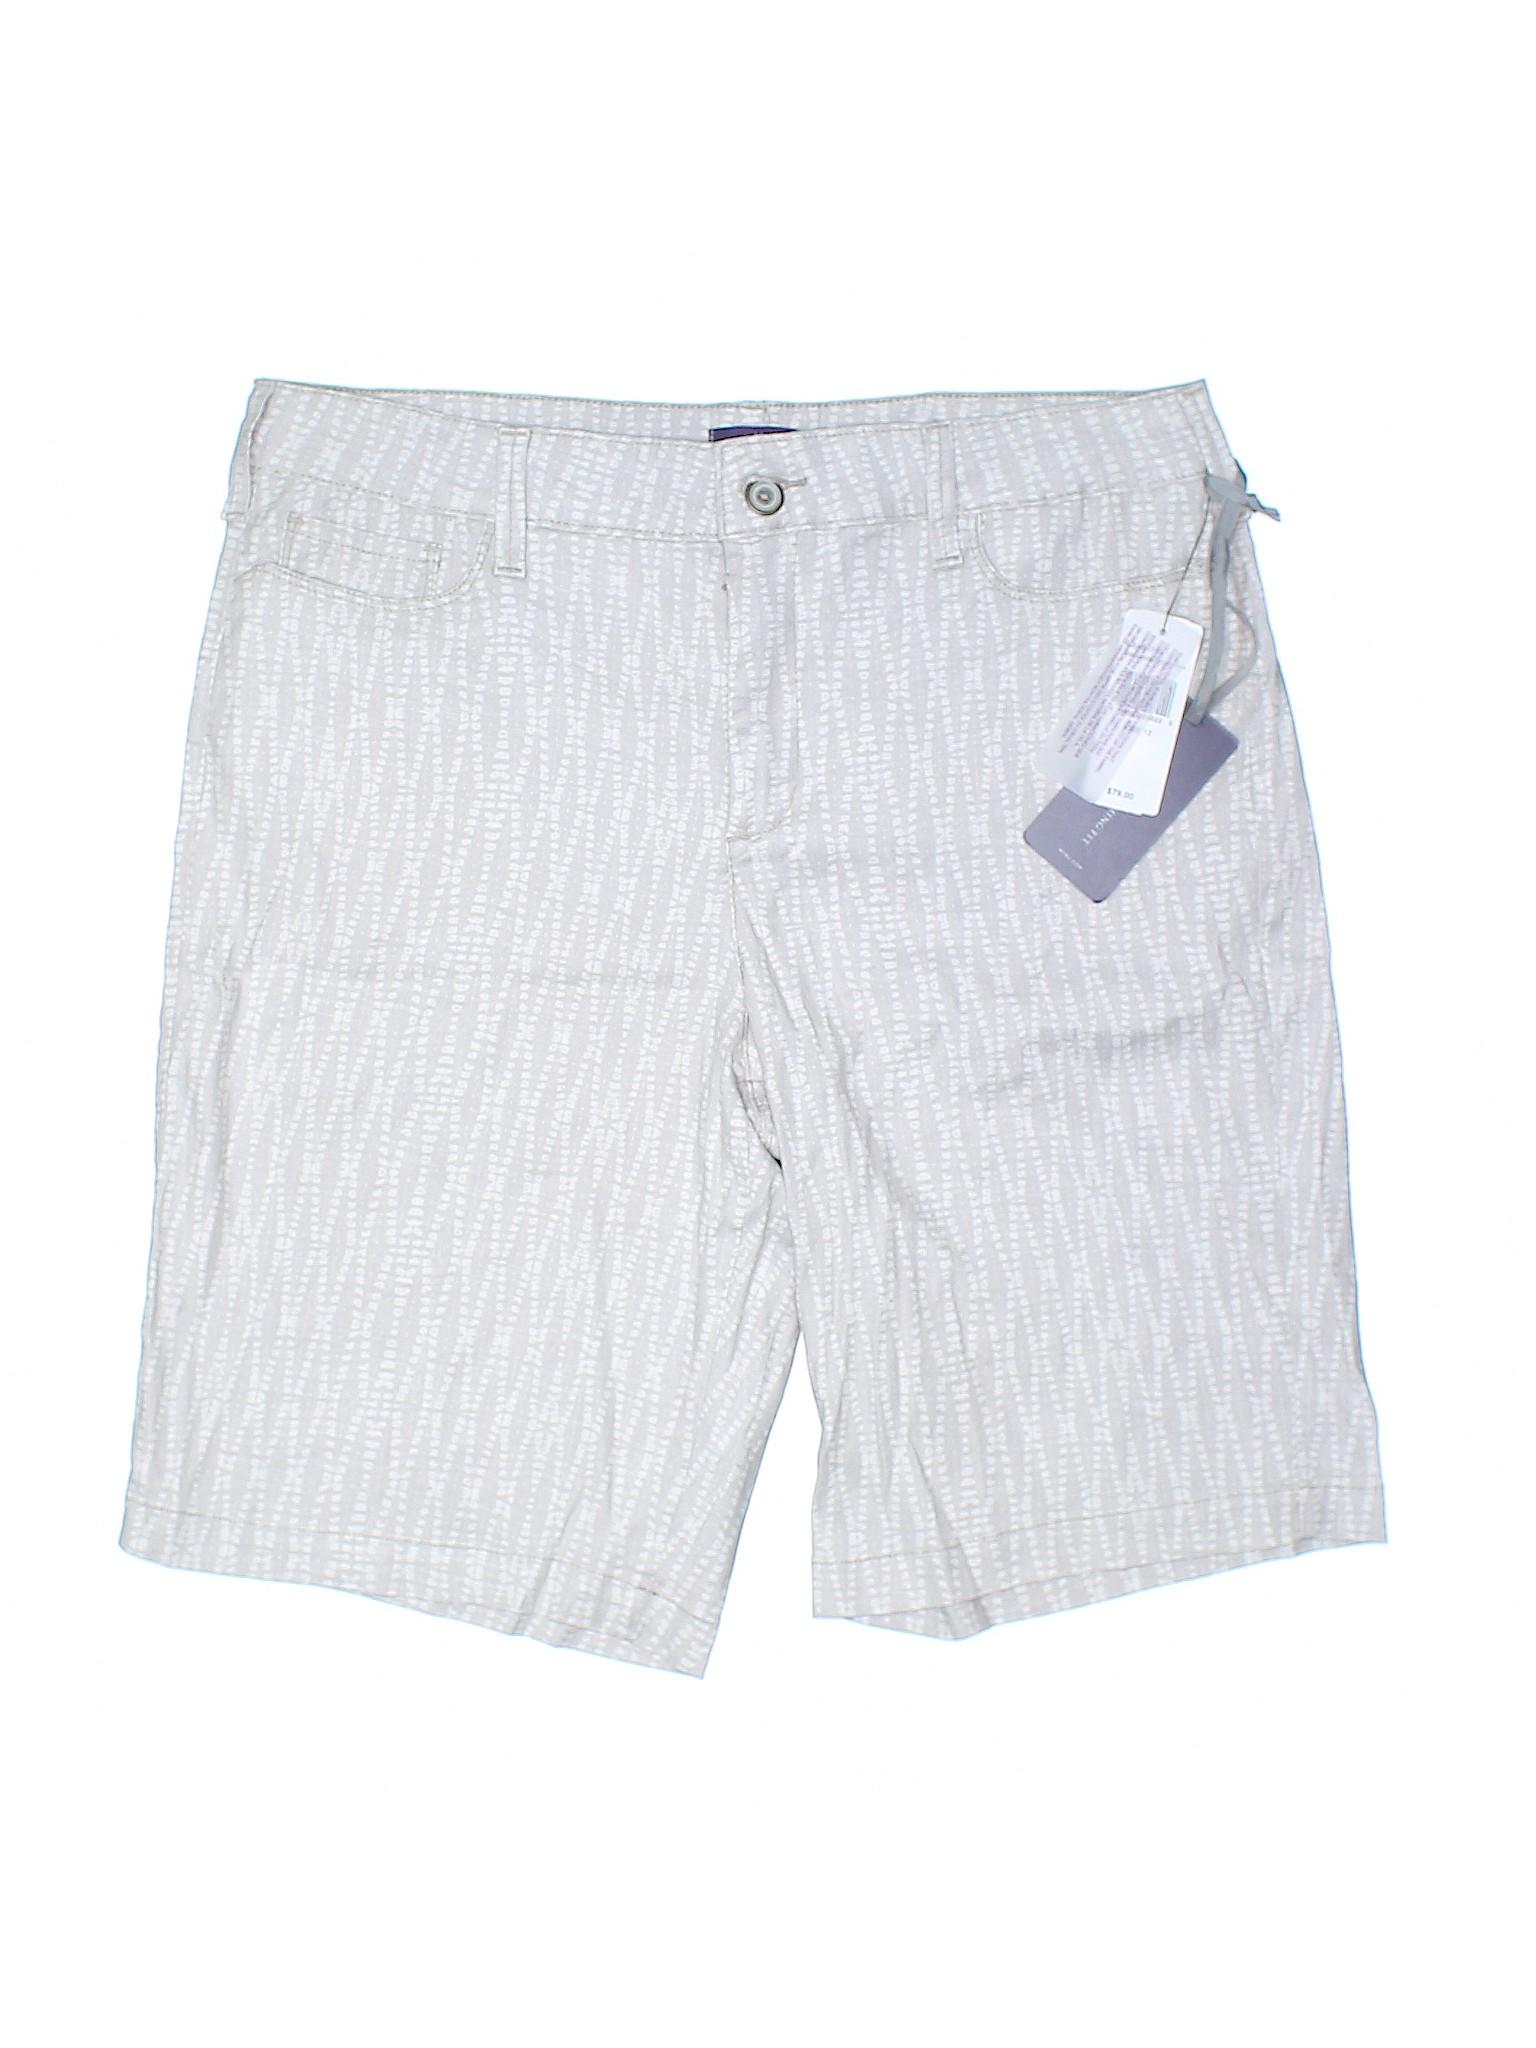 Boutique Boutique Shorts NYDJ NYDJ Khaki Khaki rUqxrwE1